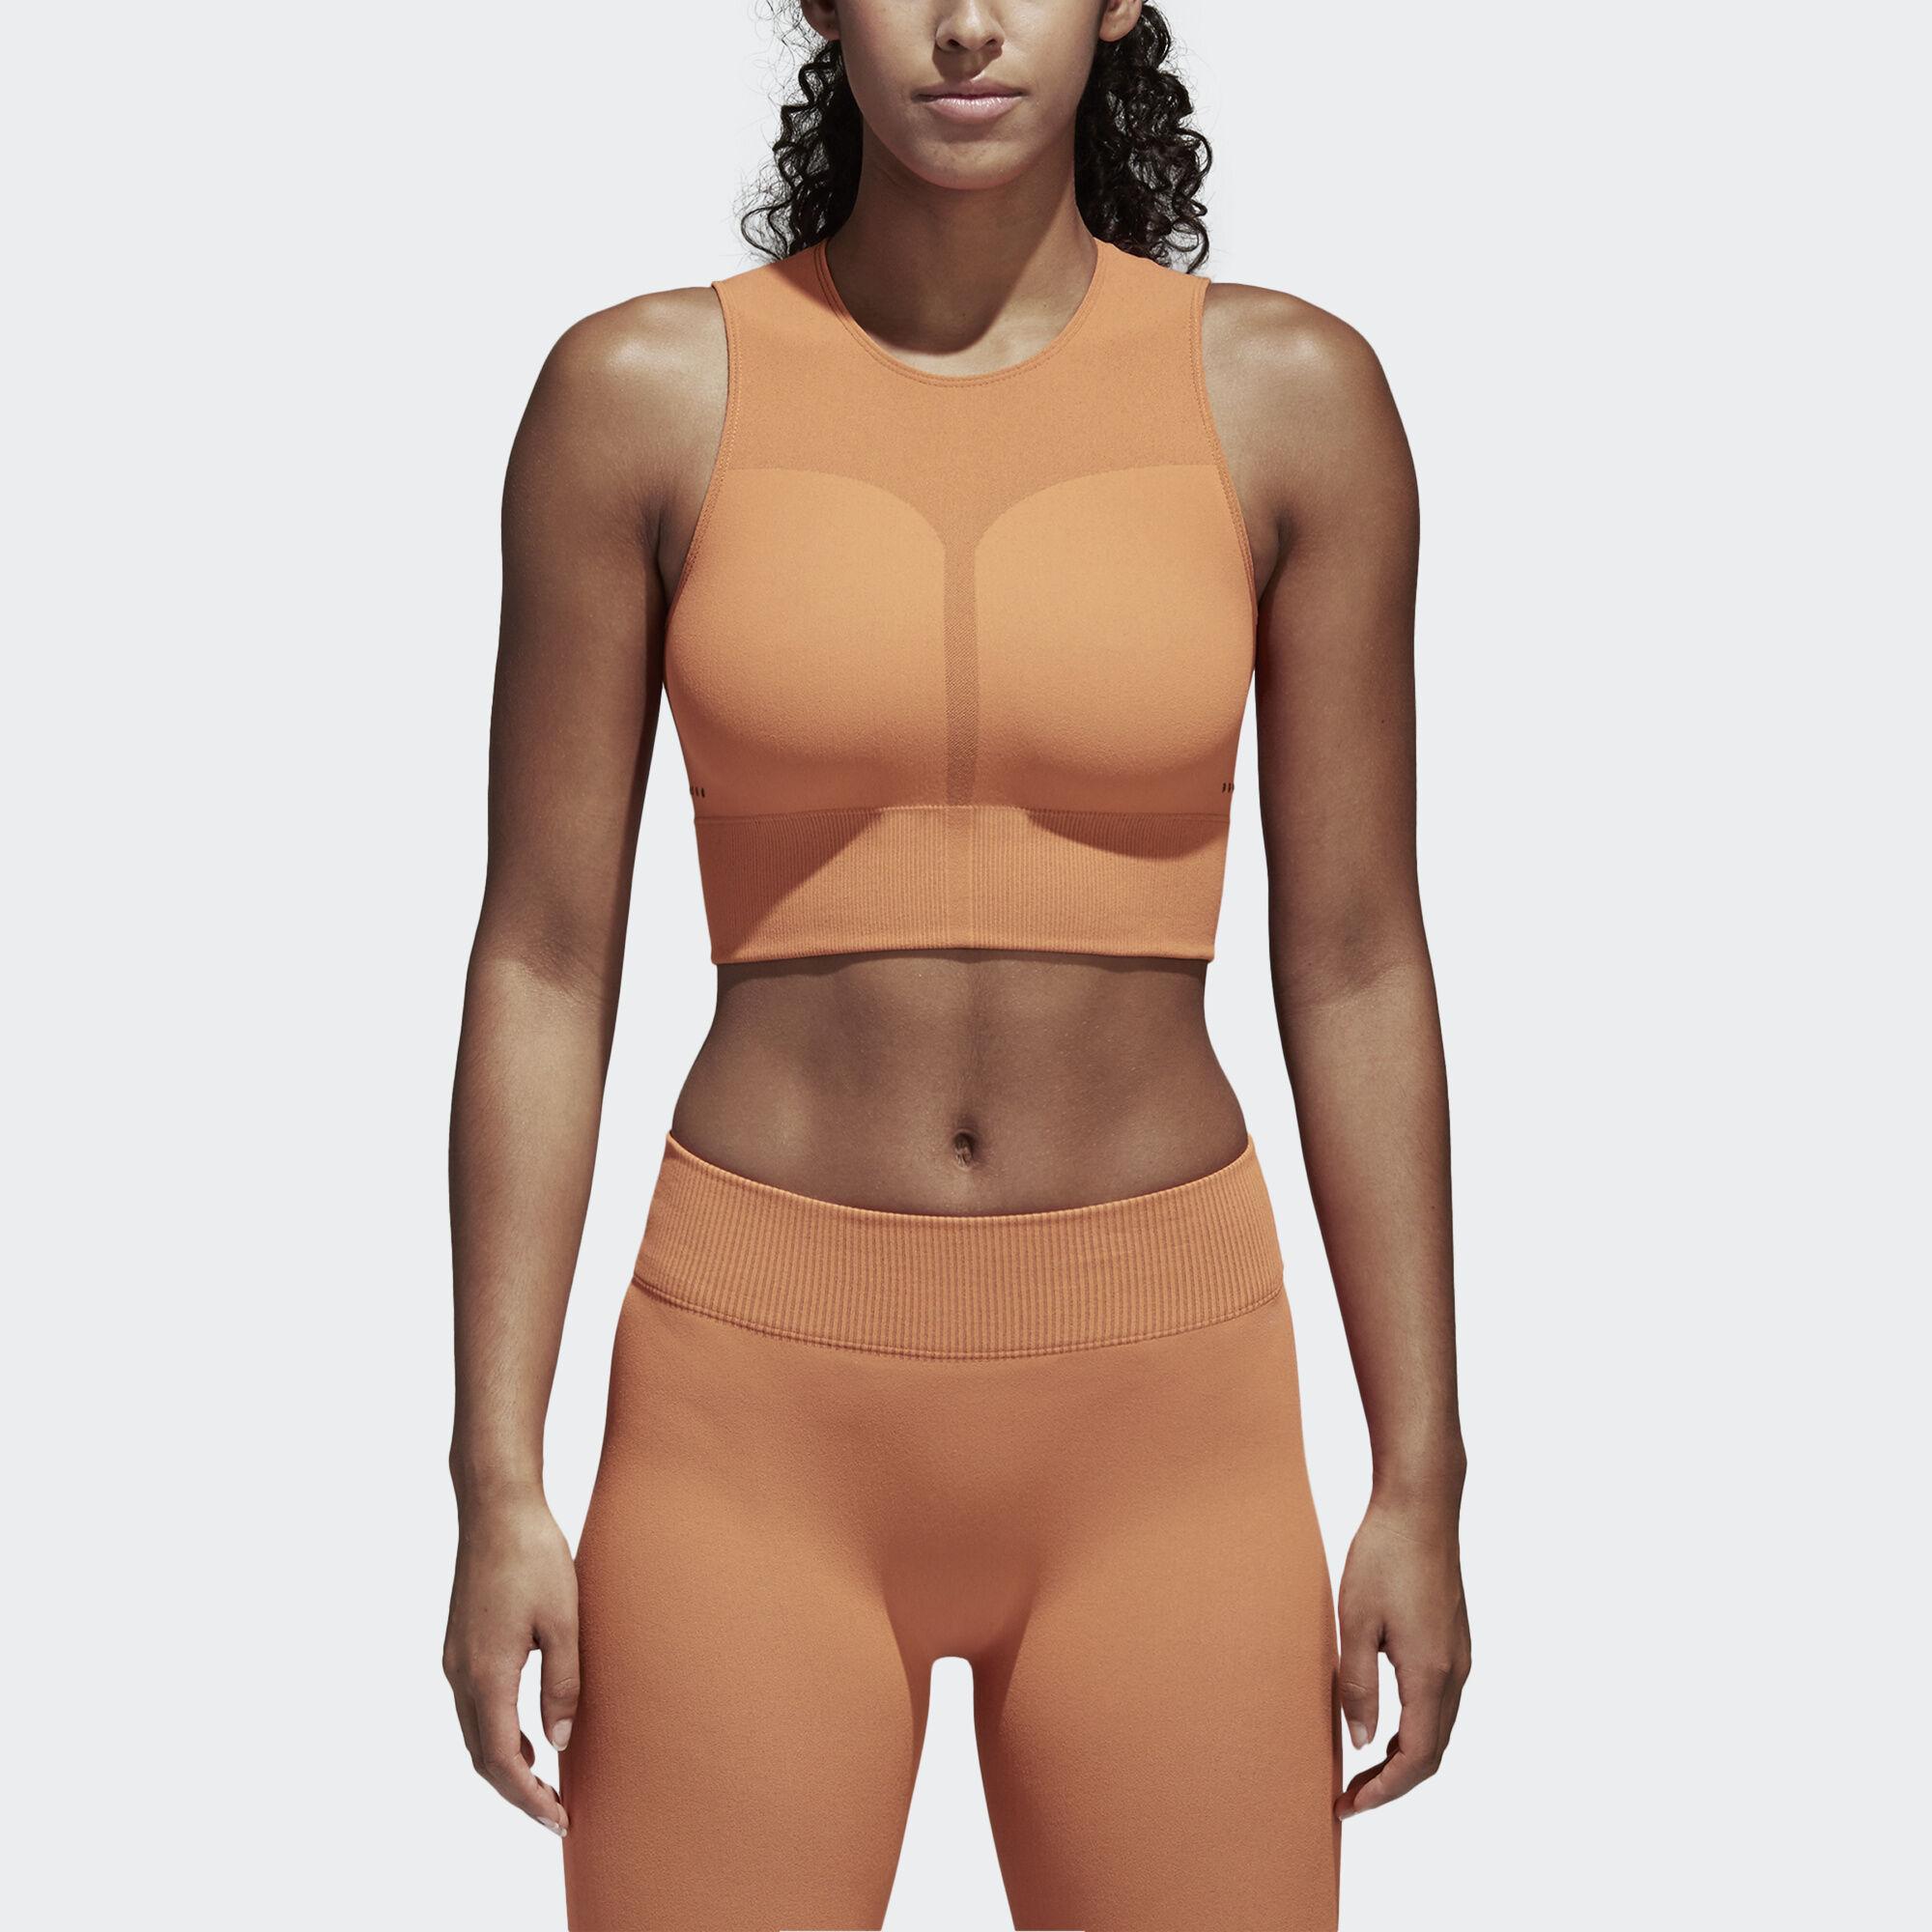 Γυναικεία Γυναικεία Πορτοκαλί Πορτοκαλί Γιόγκα Γιόγκα | 8026b53 - accademiadellescienzedellumbria.xyz